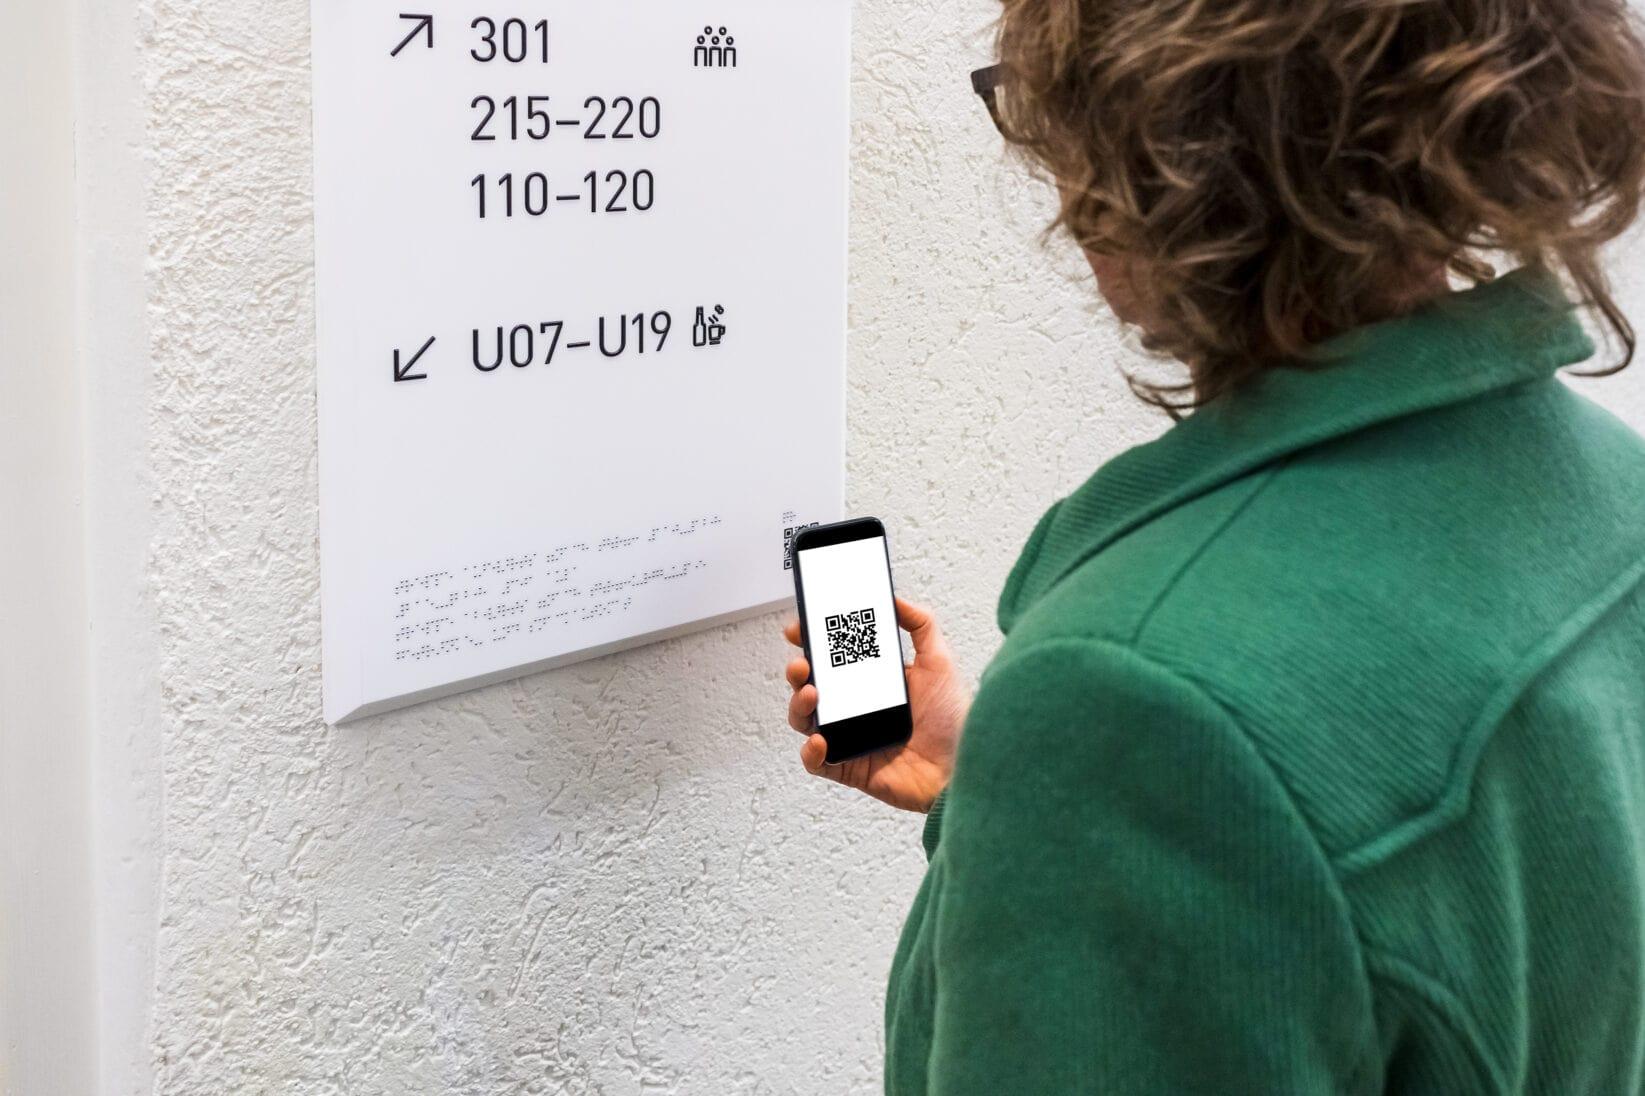 Alle Leitschilder der Volkshochschule sind mit einem QR Code ausgestattet. Hiermit können sehbeeinträchtigte Besucher*innen auf das akustische Leitsystem zurückgreifen.